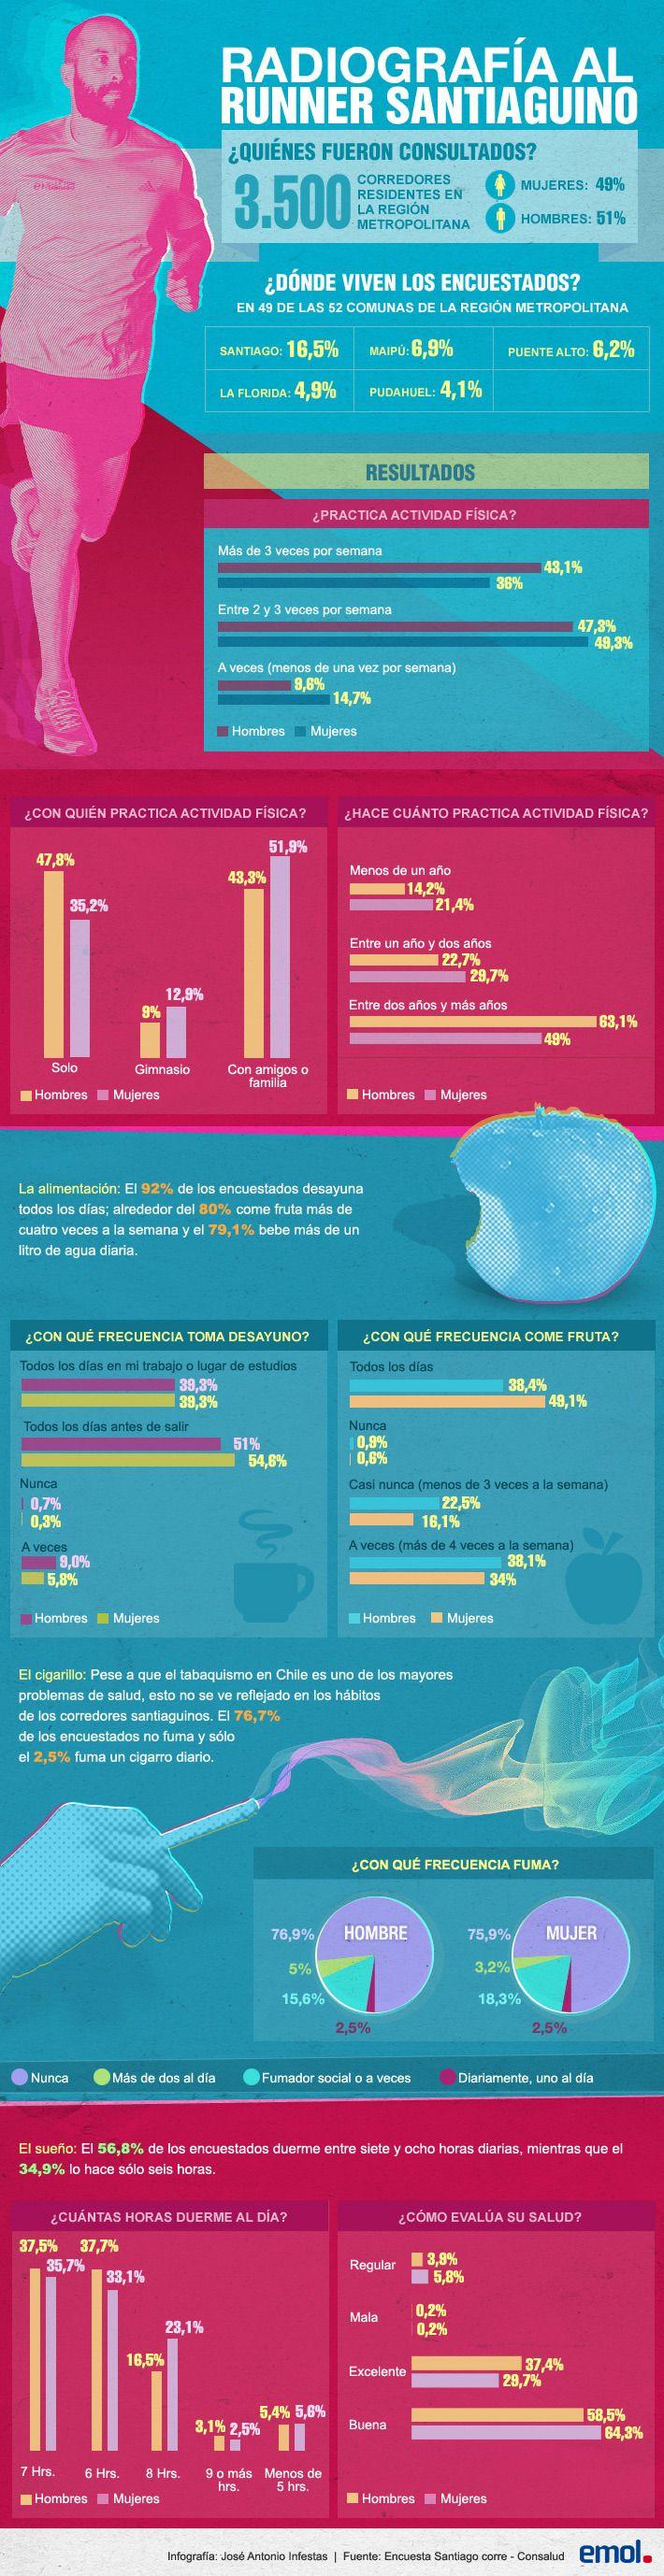 Infografía: Los números que describen el perfil del runner santiaguino